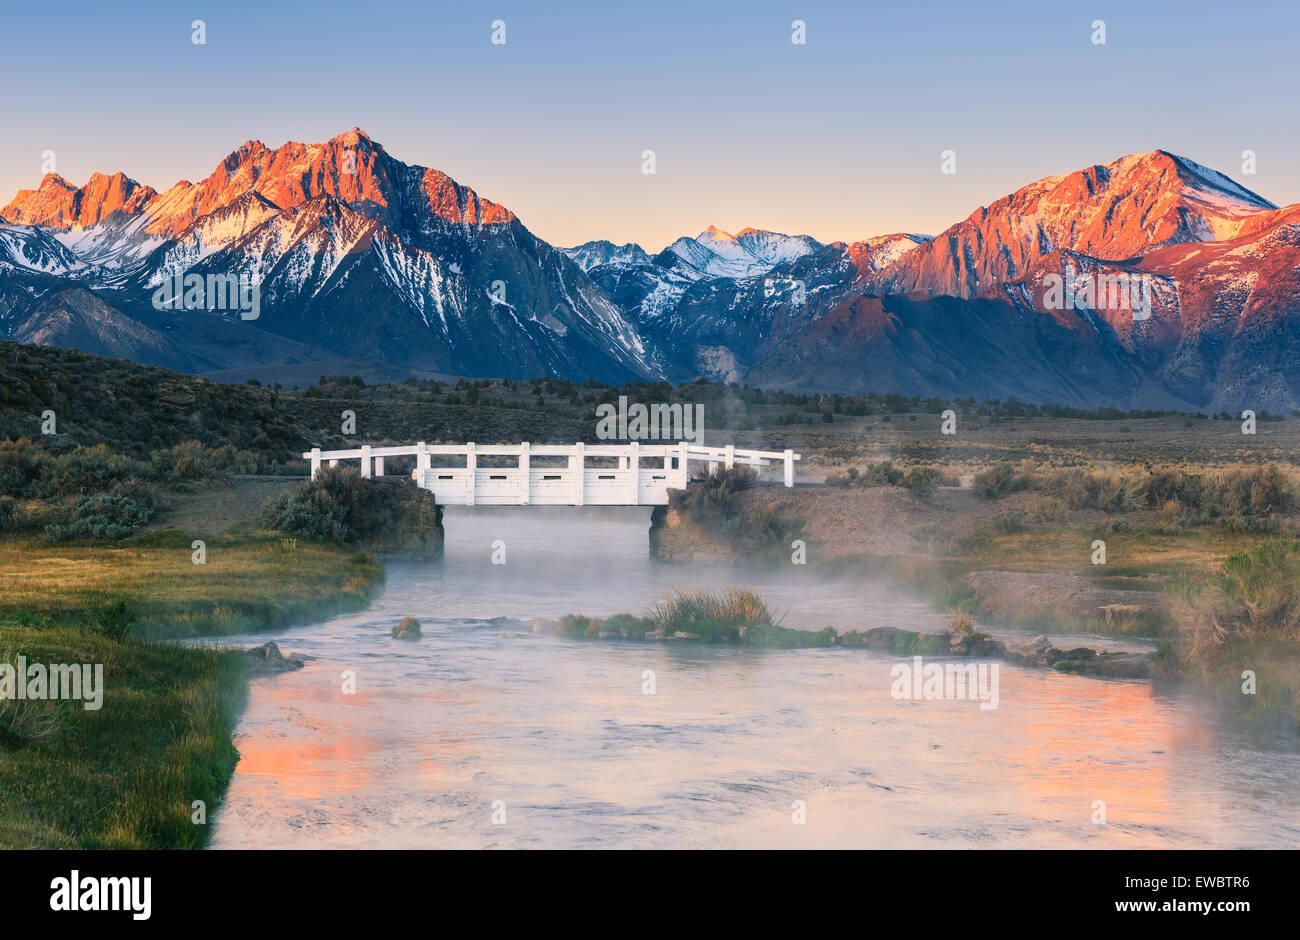 Amanecer en la Sierra Nevada visto desde Hot Creek, California, Estados Unidos. Foto de stock